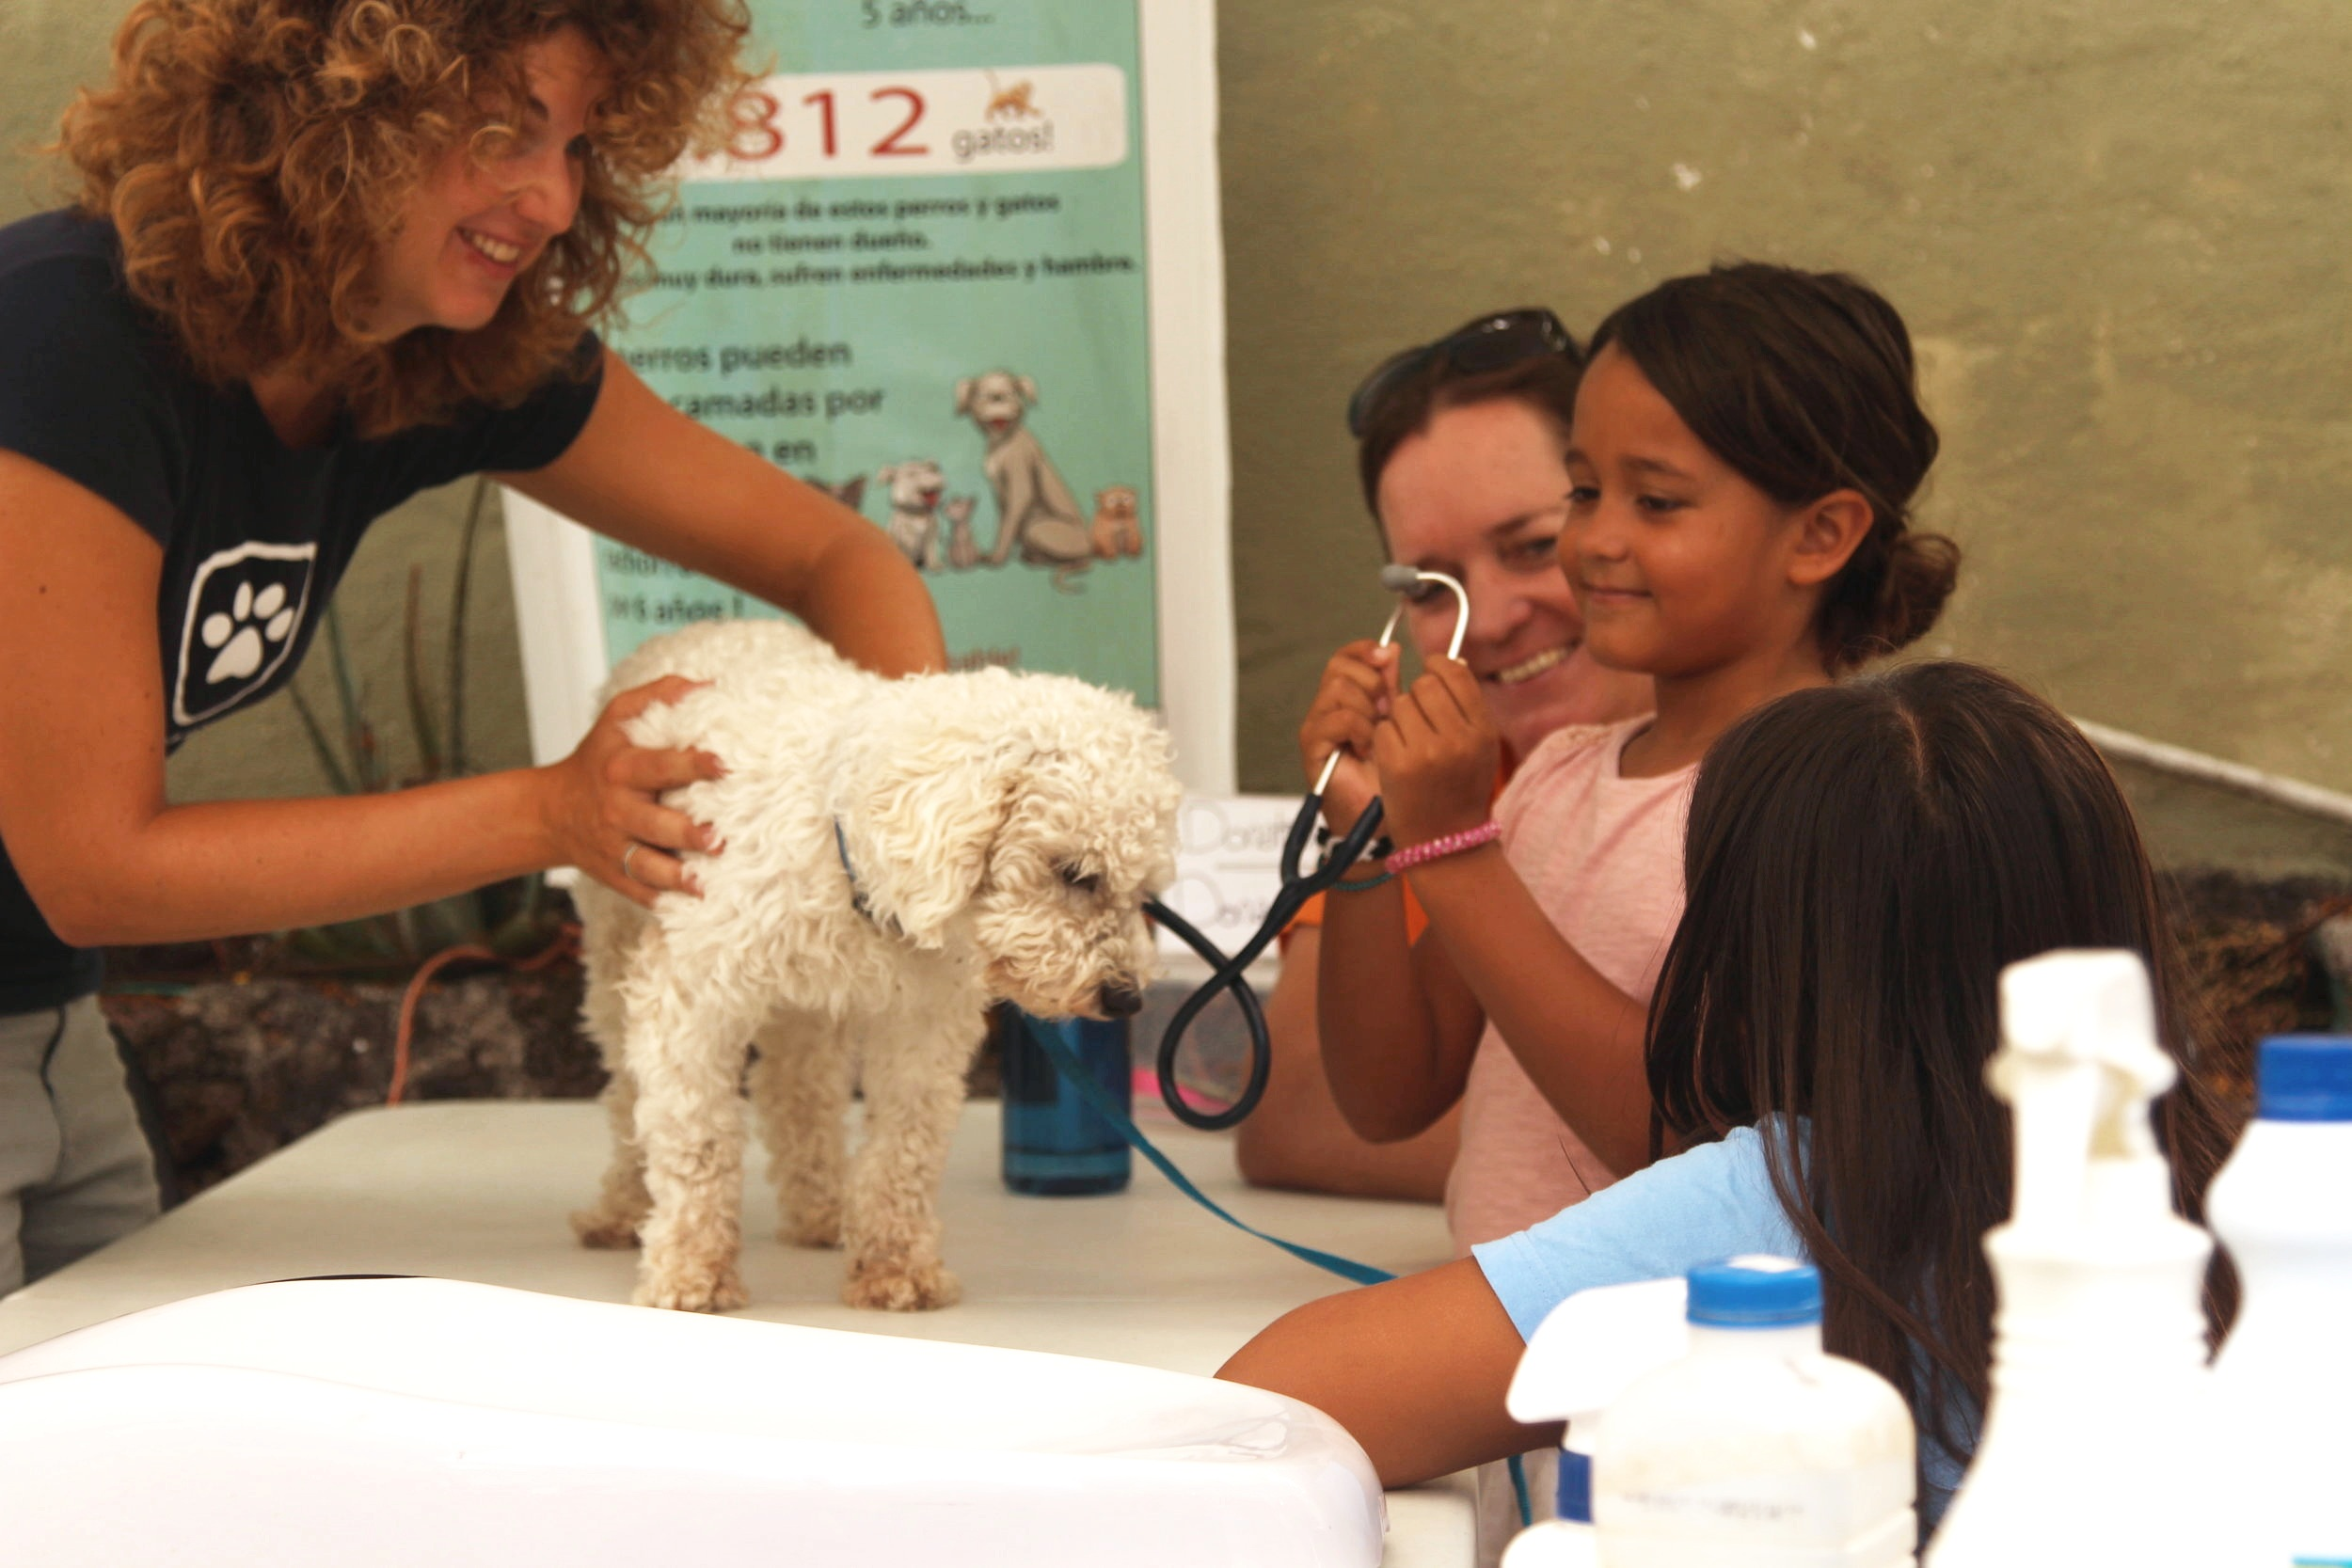 Figura 2 . La Dra. Carmen Barba Claassens enseña a jóvenes galapagueños como oír los latidos del corazón de su perro. Foto: Darwin Animal Doctors